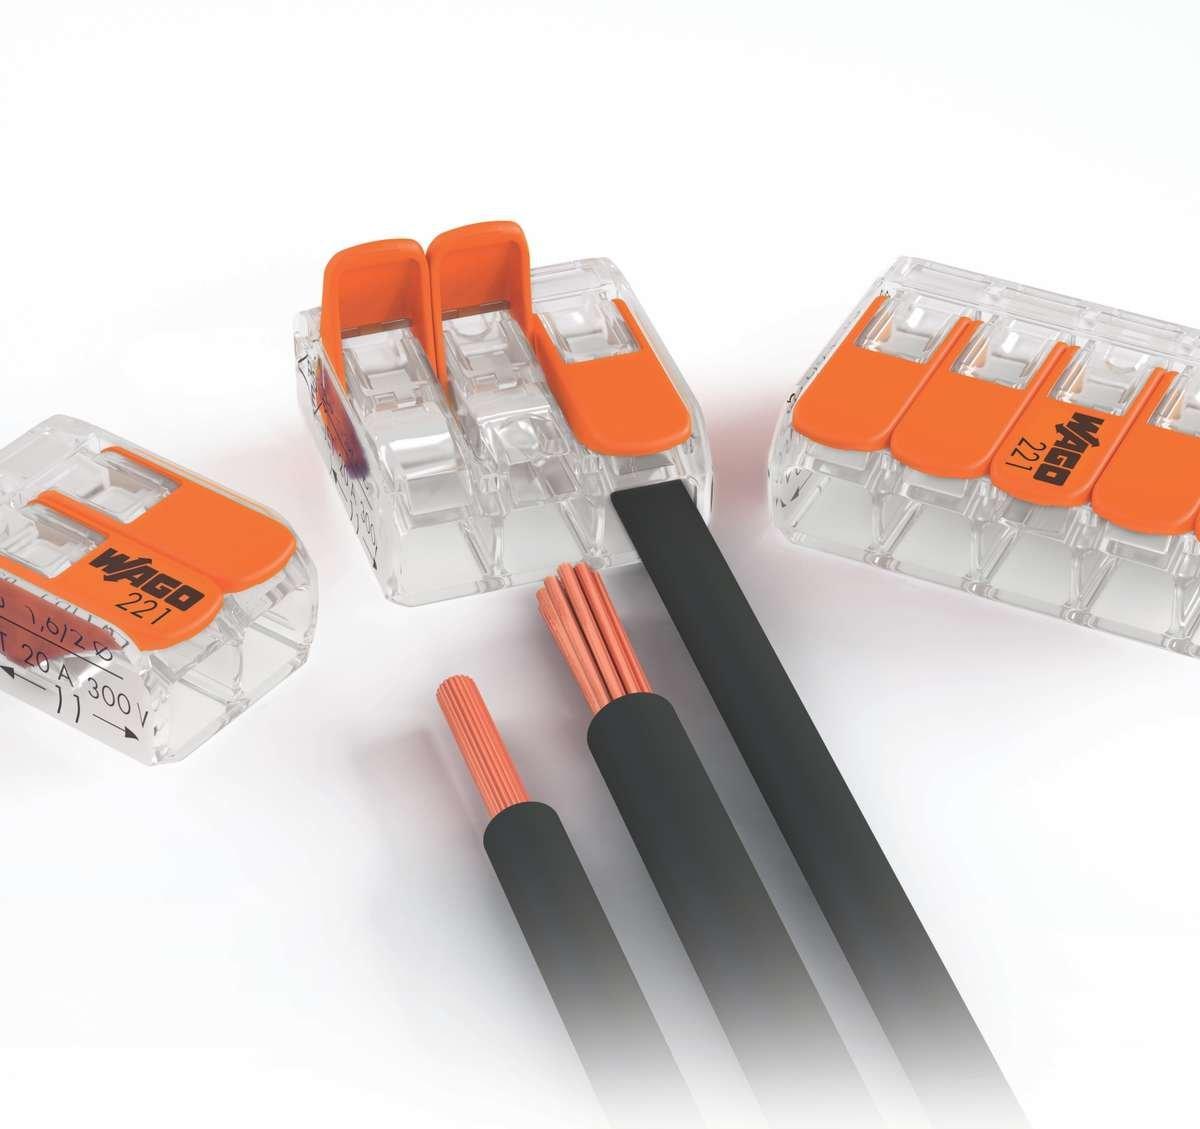 Wago Splicing Connectors